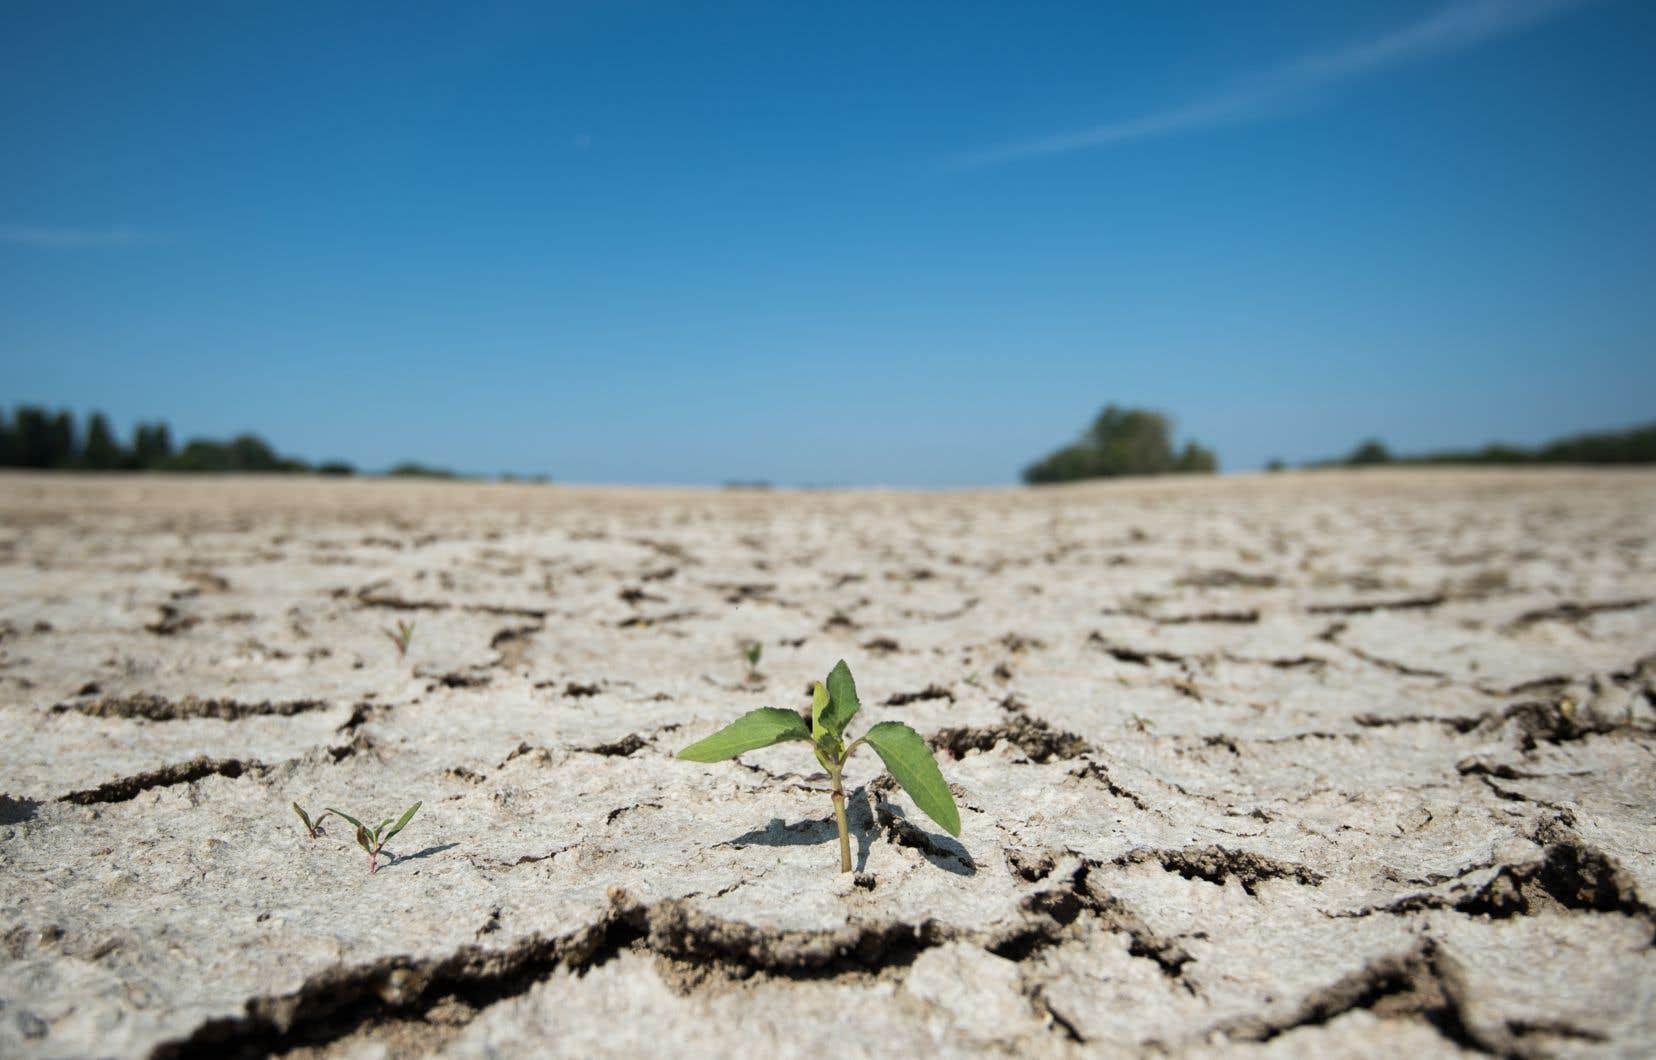 Les conséquences des mesures de confinement à long terme sur le climat serait négligeable puisqu'elles n'engendreront qu'un rafraîchissement de 0,01 °C en 2030.